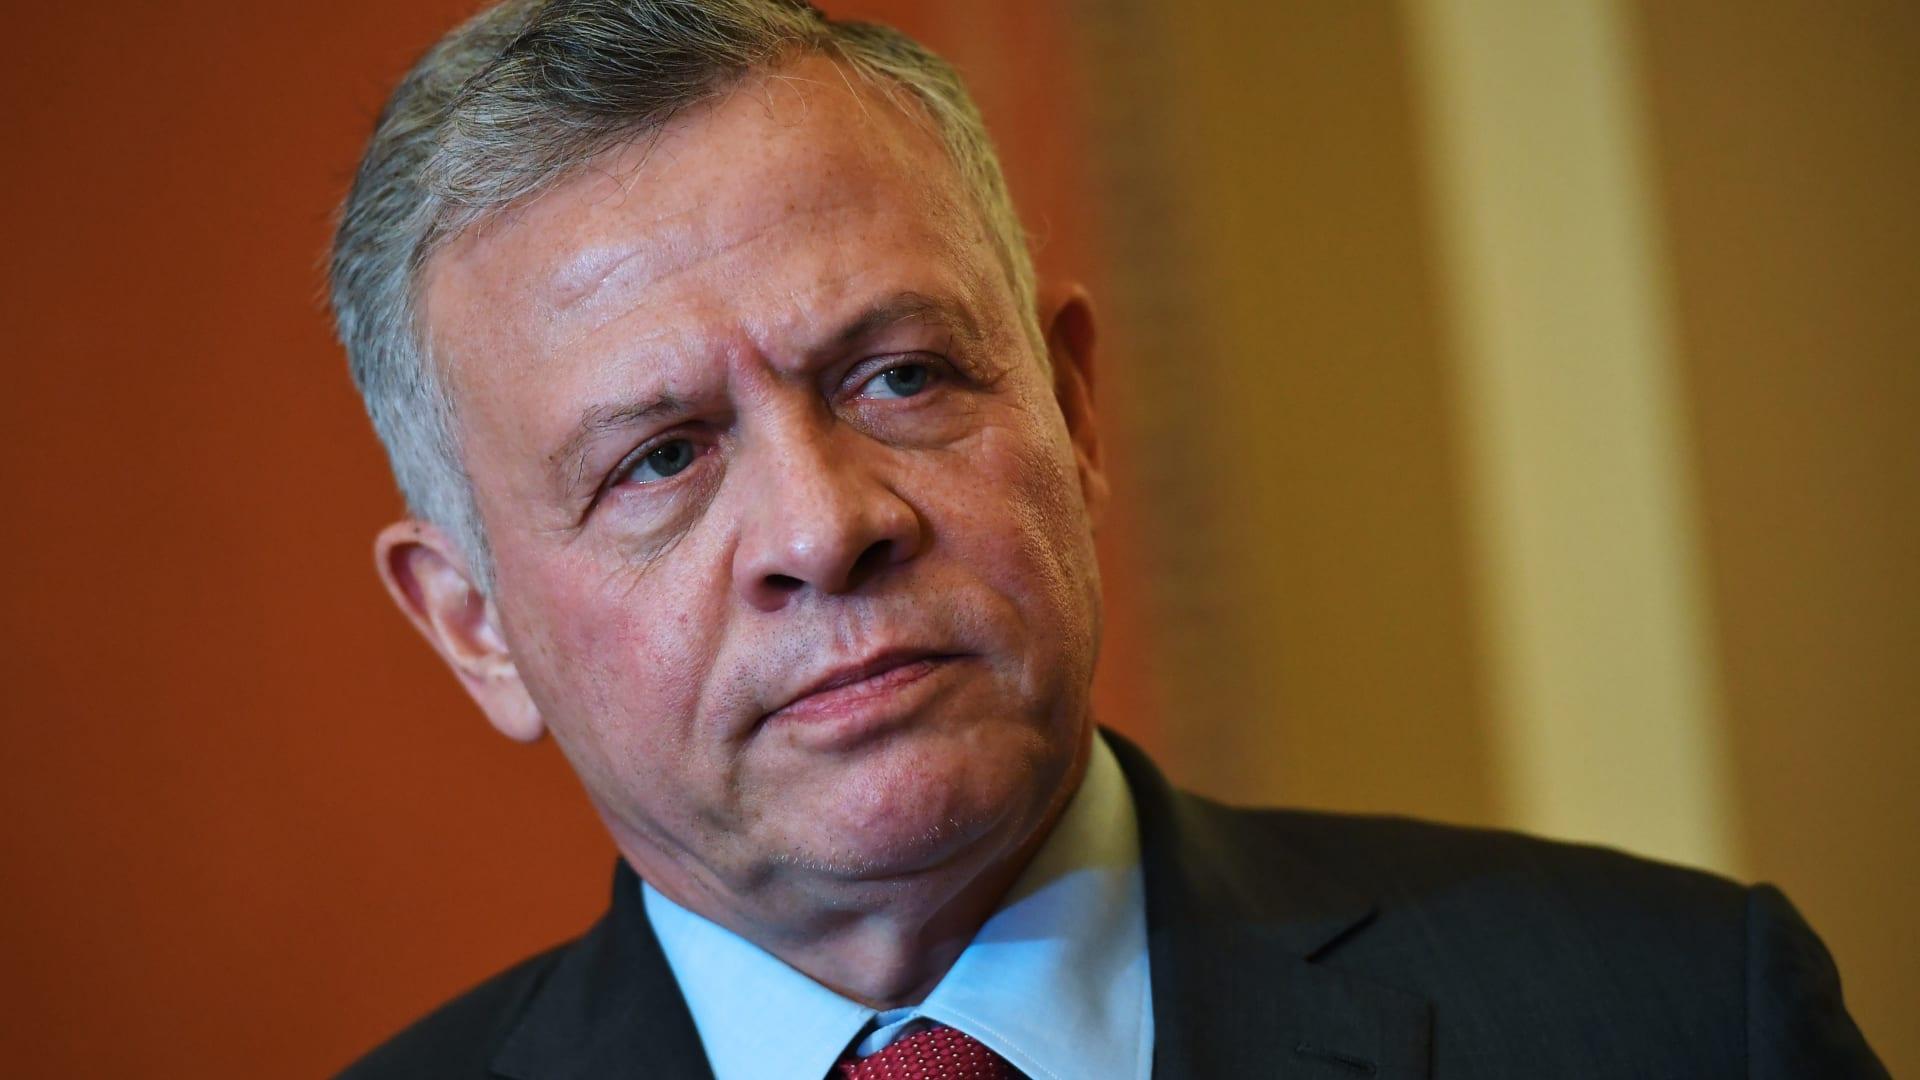 الأردن: الملك عبدالله يقبل استقالة حكومة عمر الرزاز.. ويكلفها بتصريف الأعمال